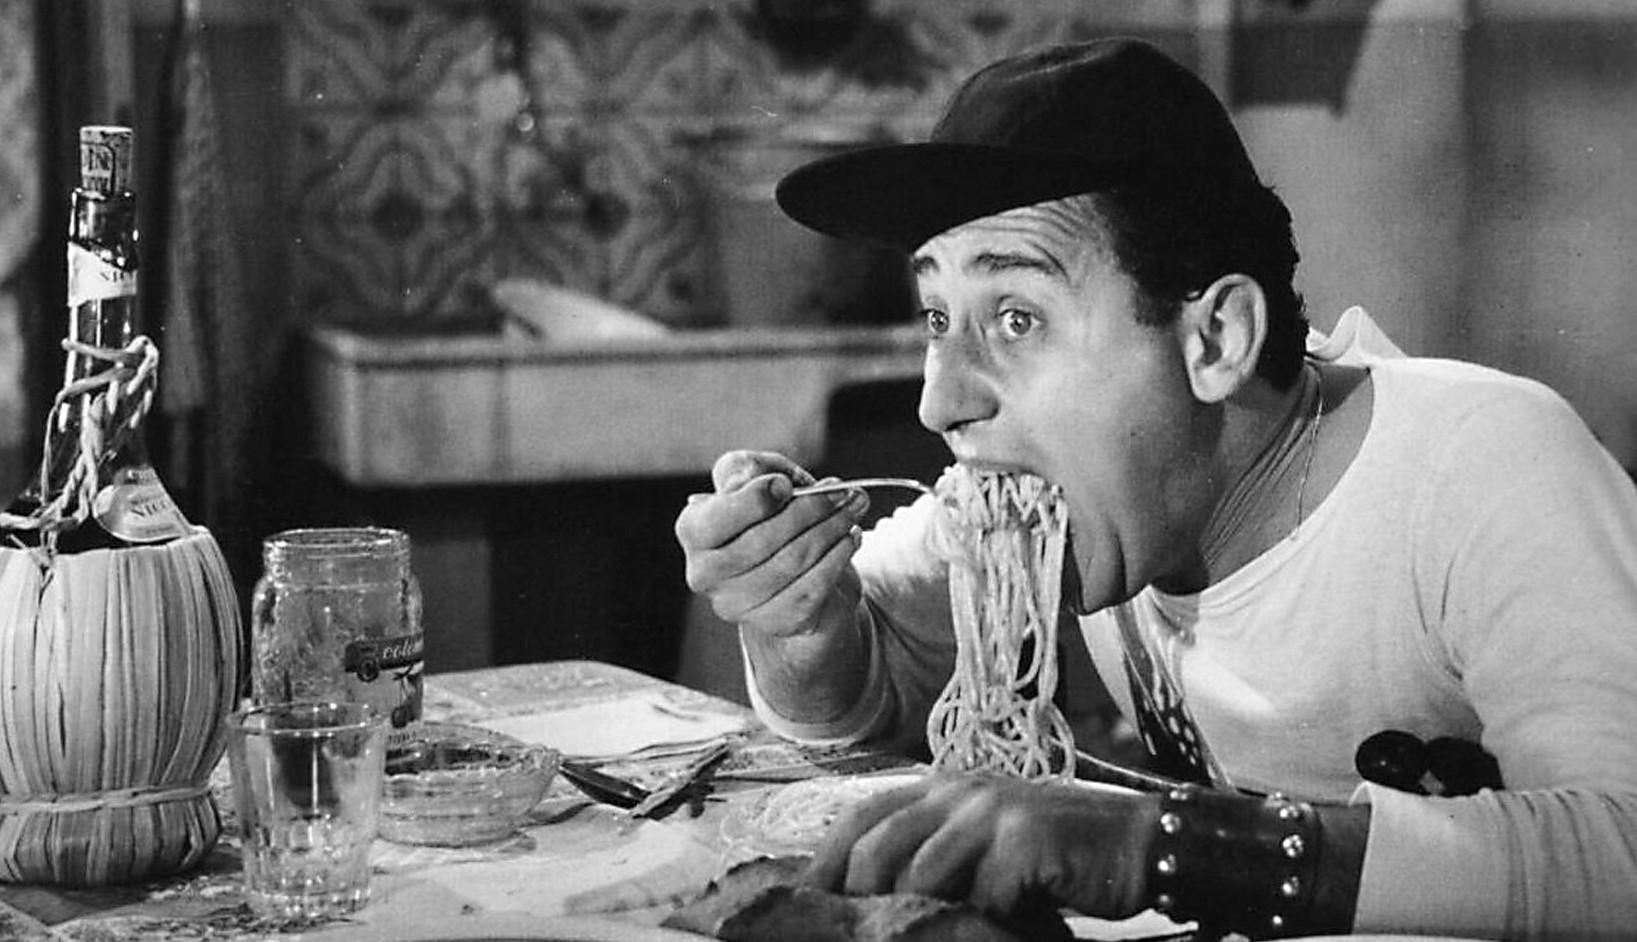 Scena spaghetti Alberto Sordi Un americano a Roma